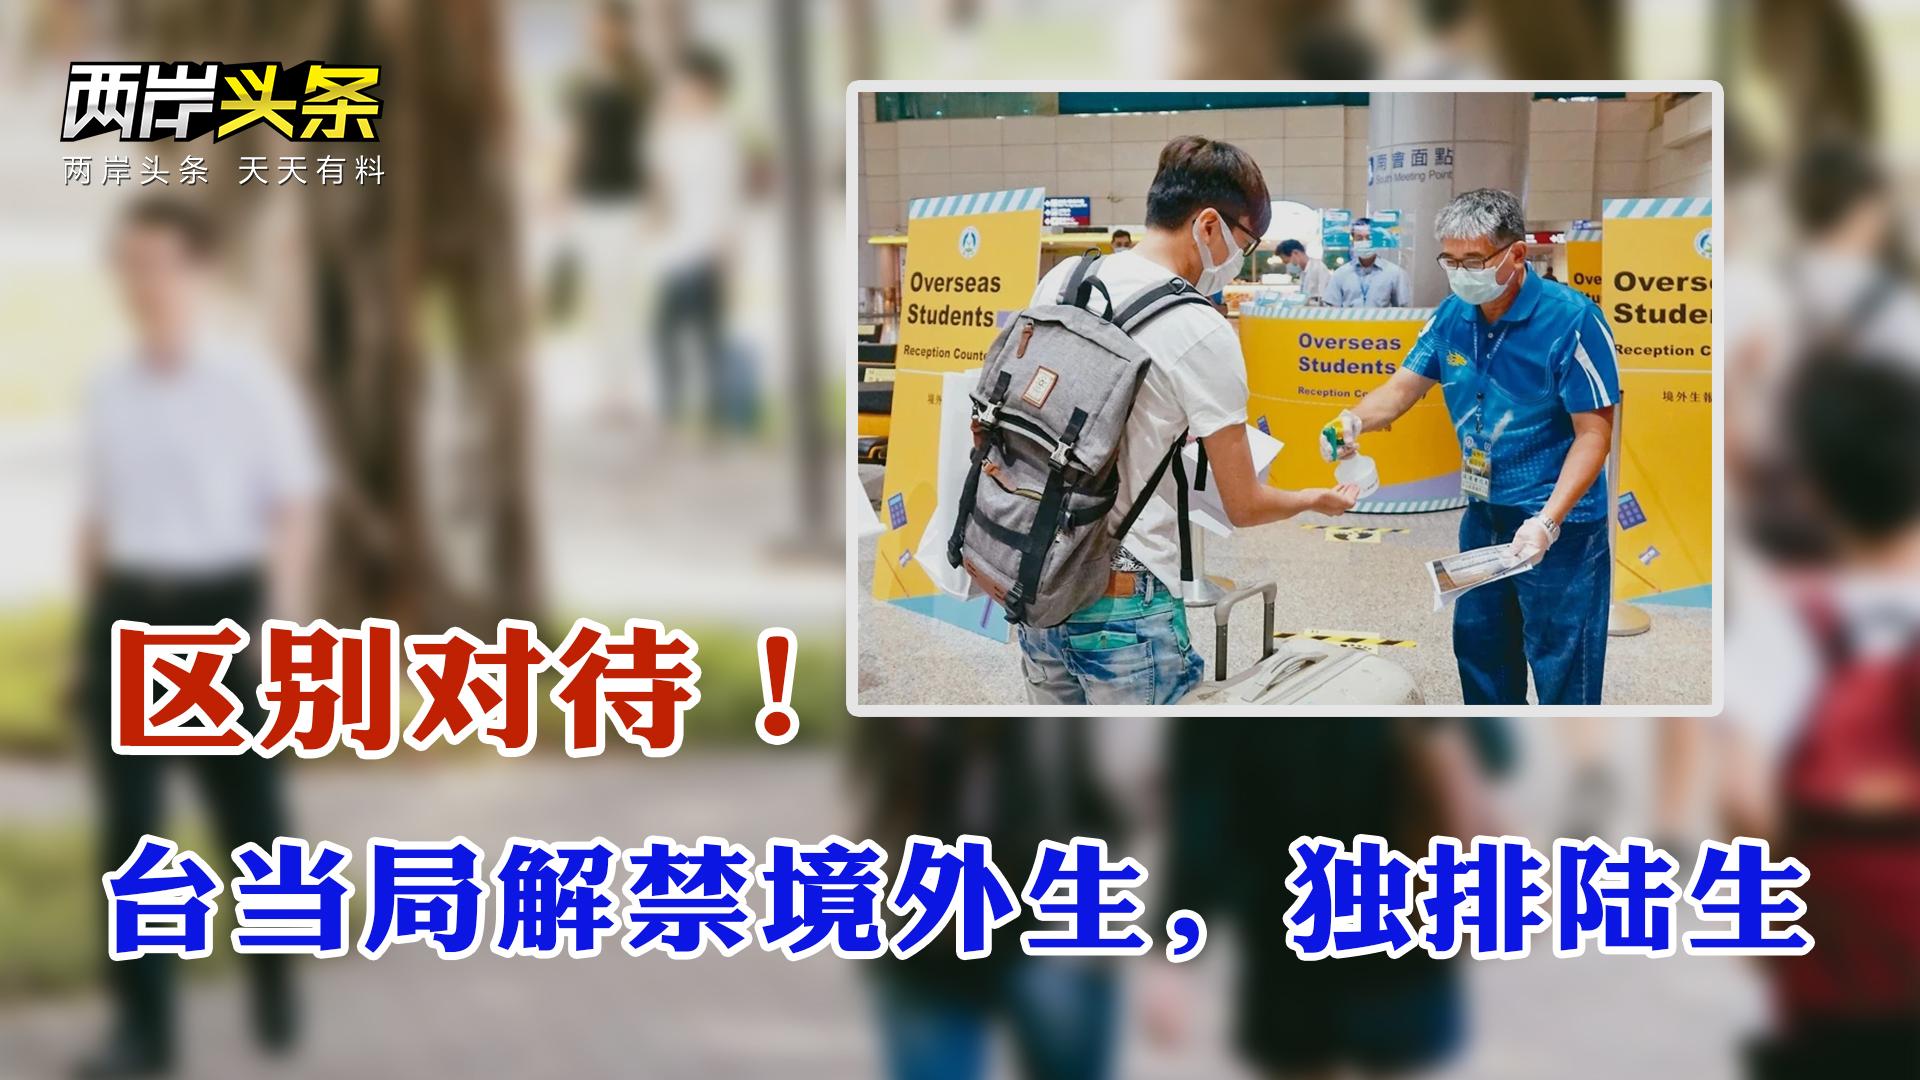 国台办回应美卫生部长访台 民进党当局解禁境外生却独排陆生惹议